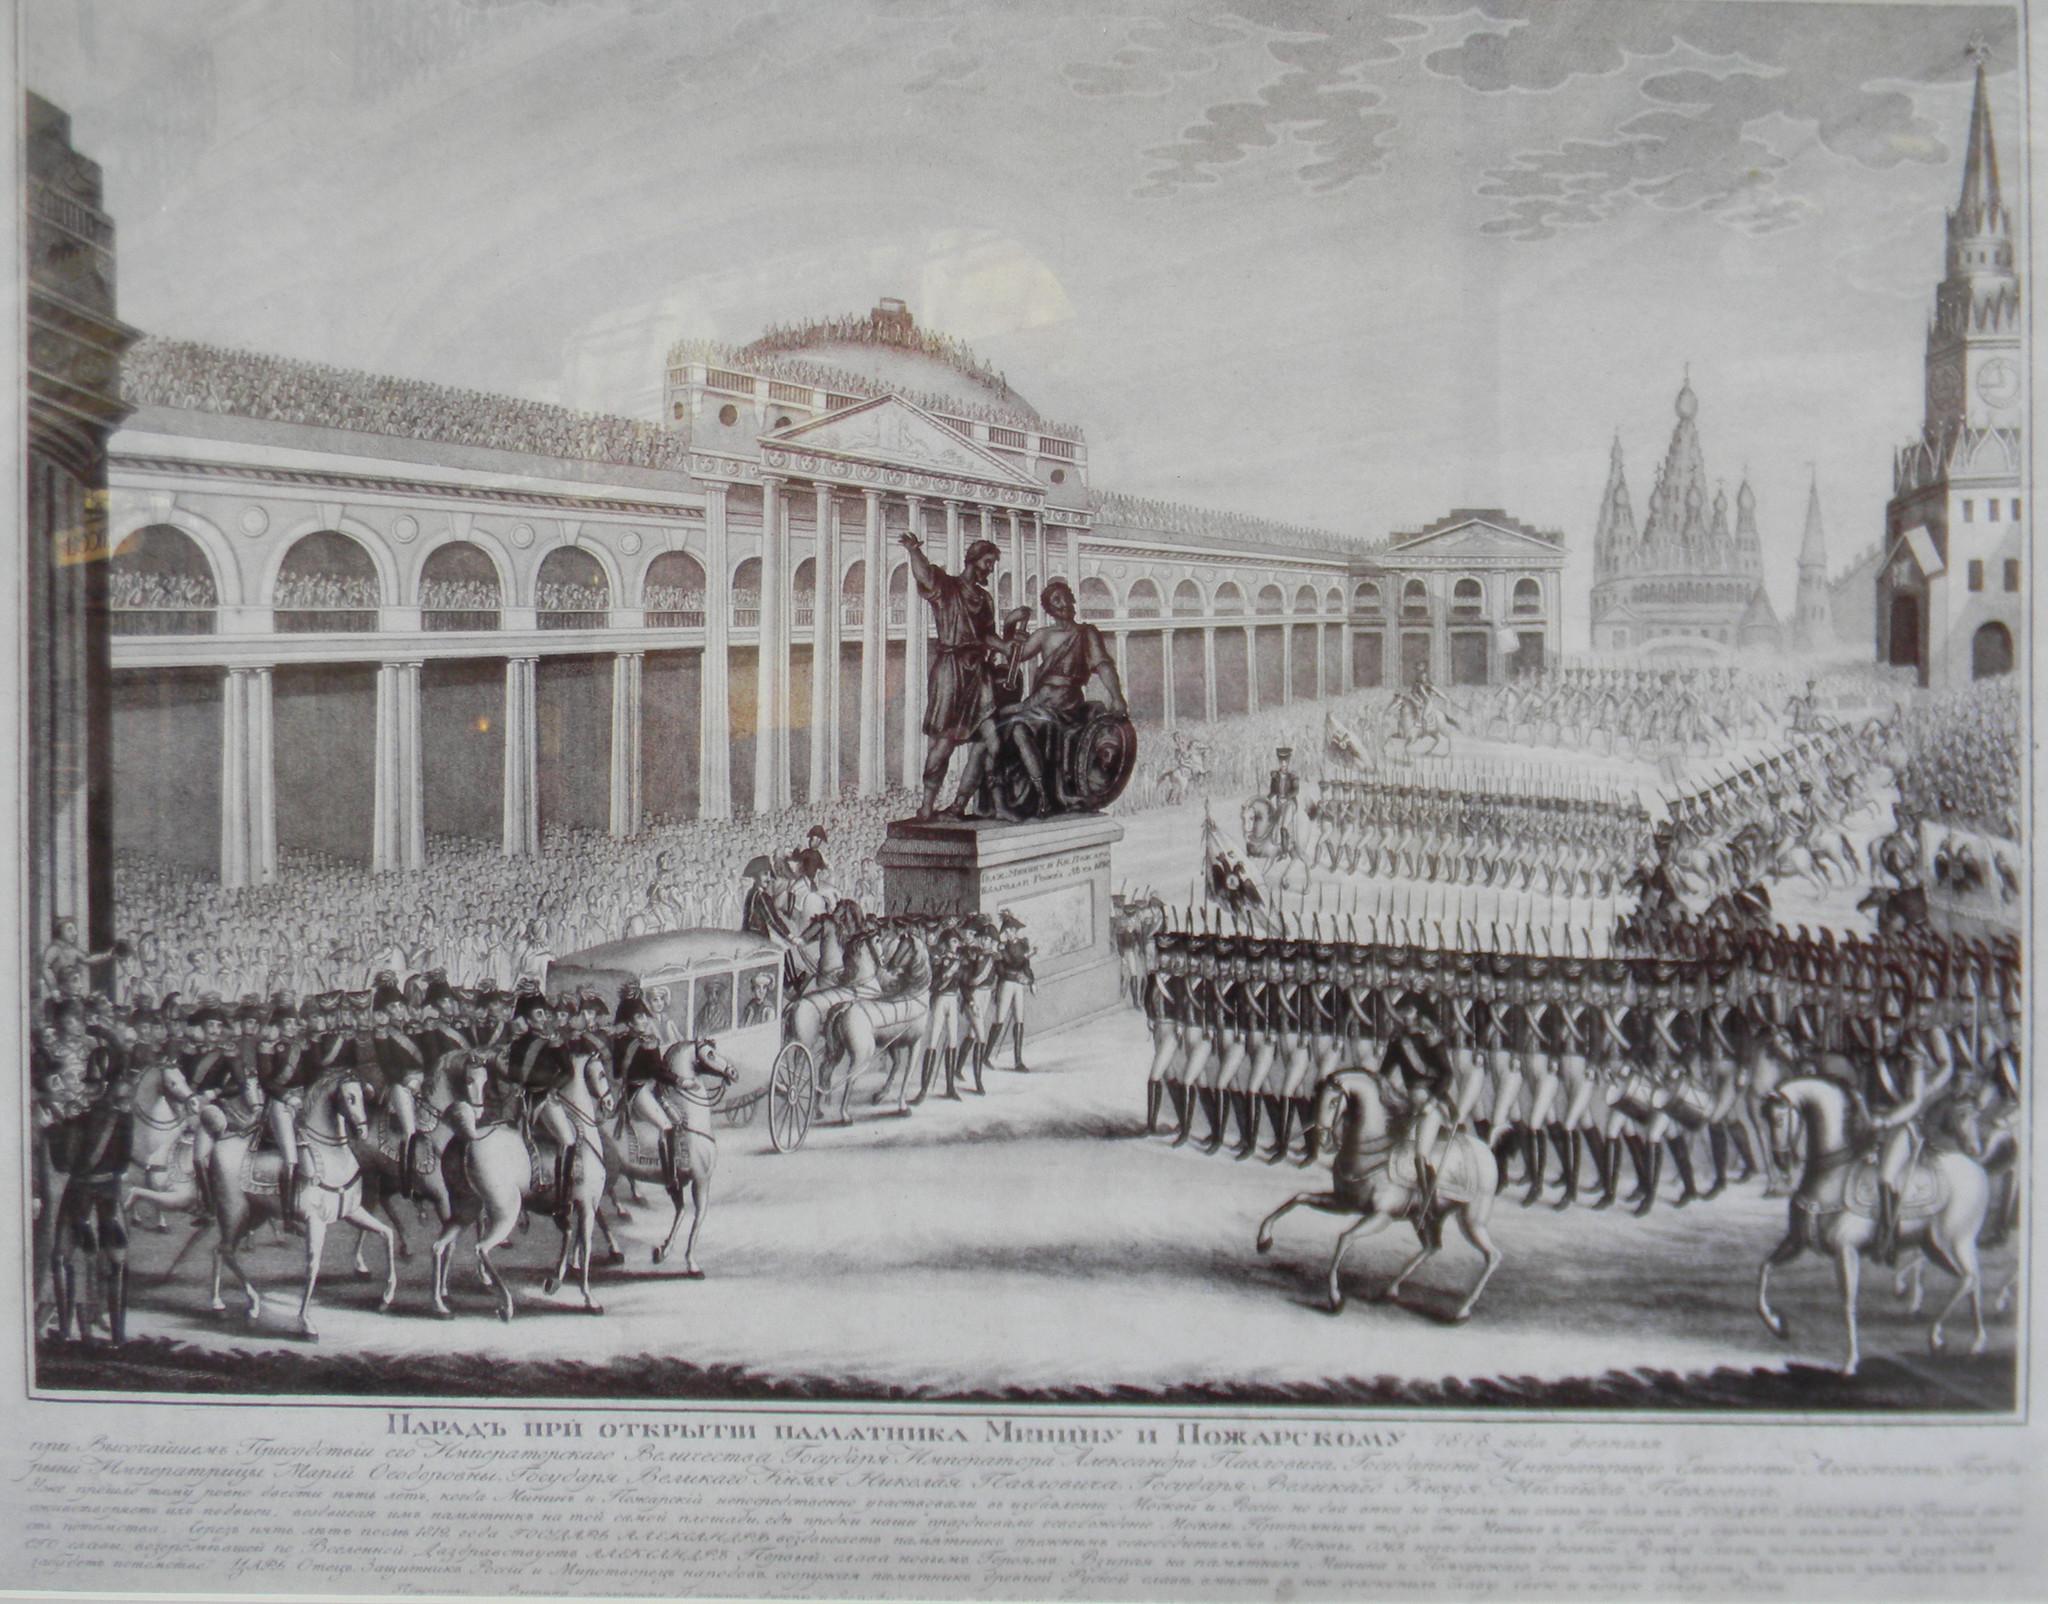 Парад при открытии памятника Минину и Пожарскому 20 февраля (4 марта) 1818 г. А. Афанасьев